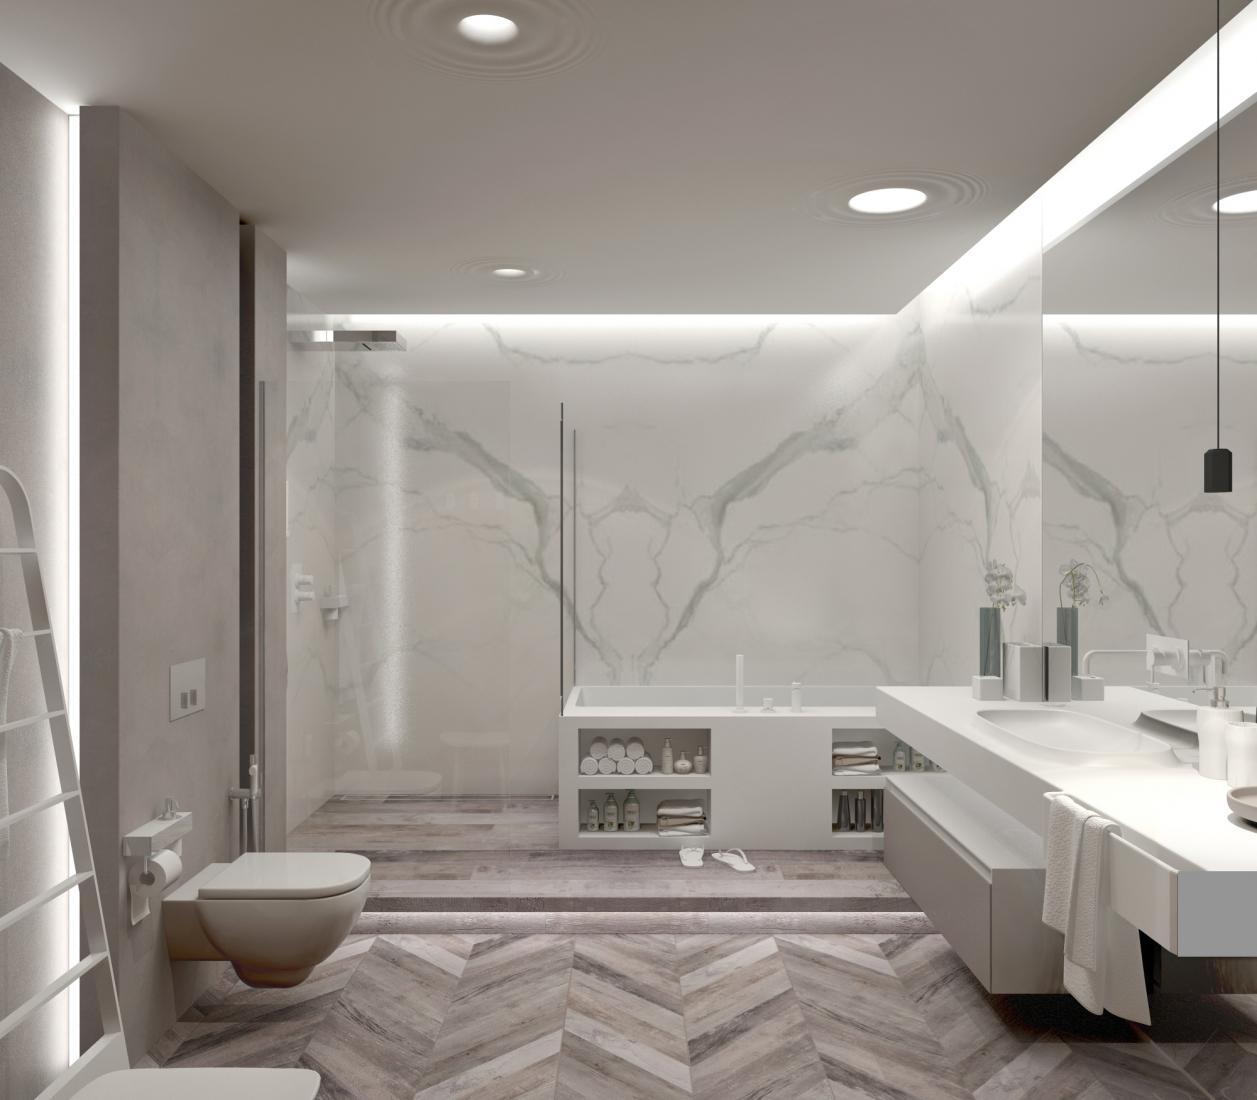 بالصور حمامات فنادق , صور لحمامات في الفنادق الشهيرة 143 5